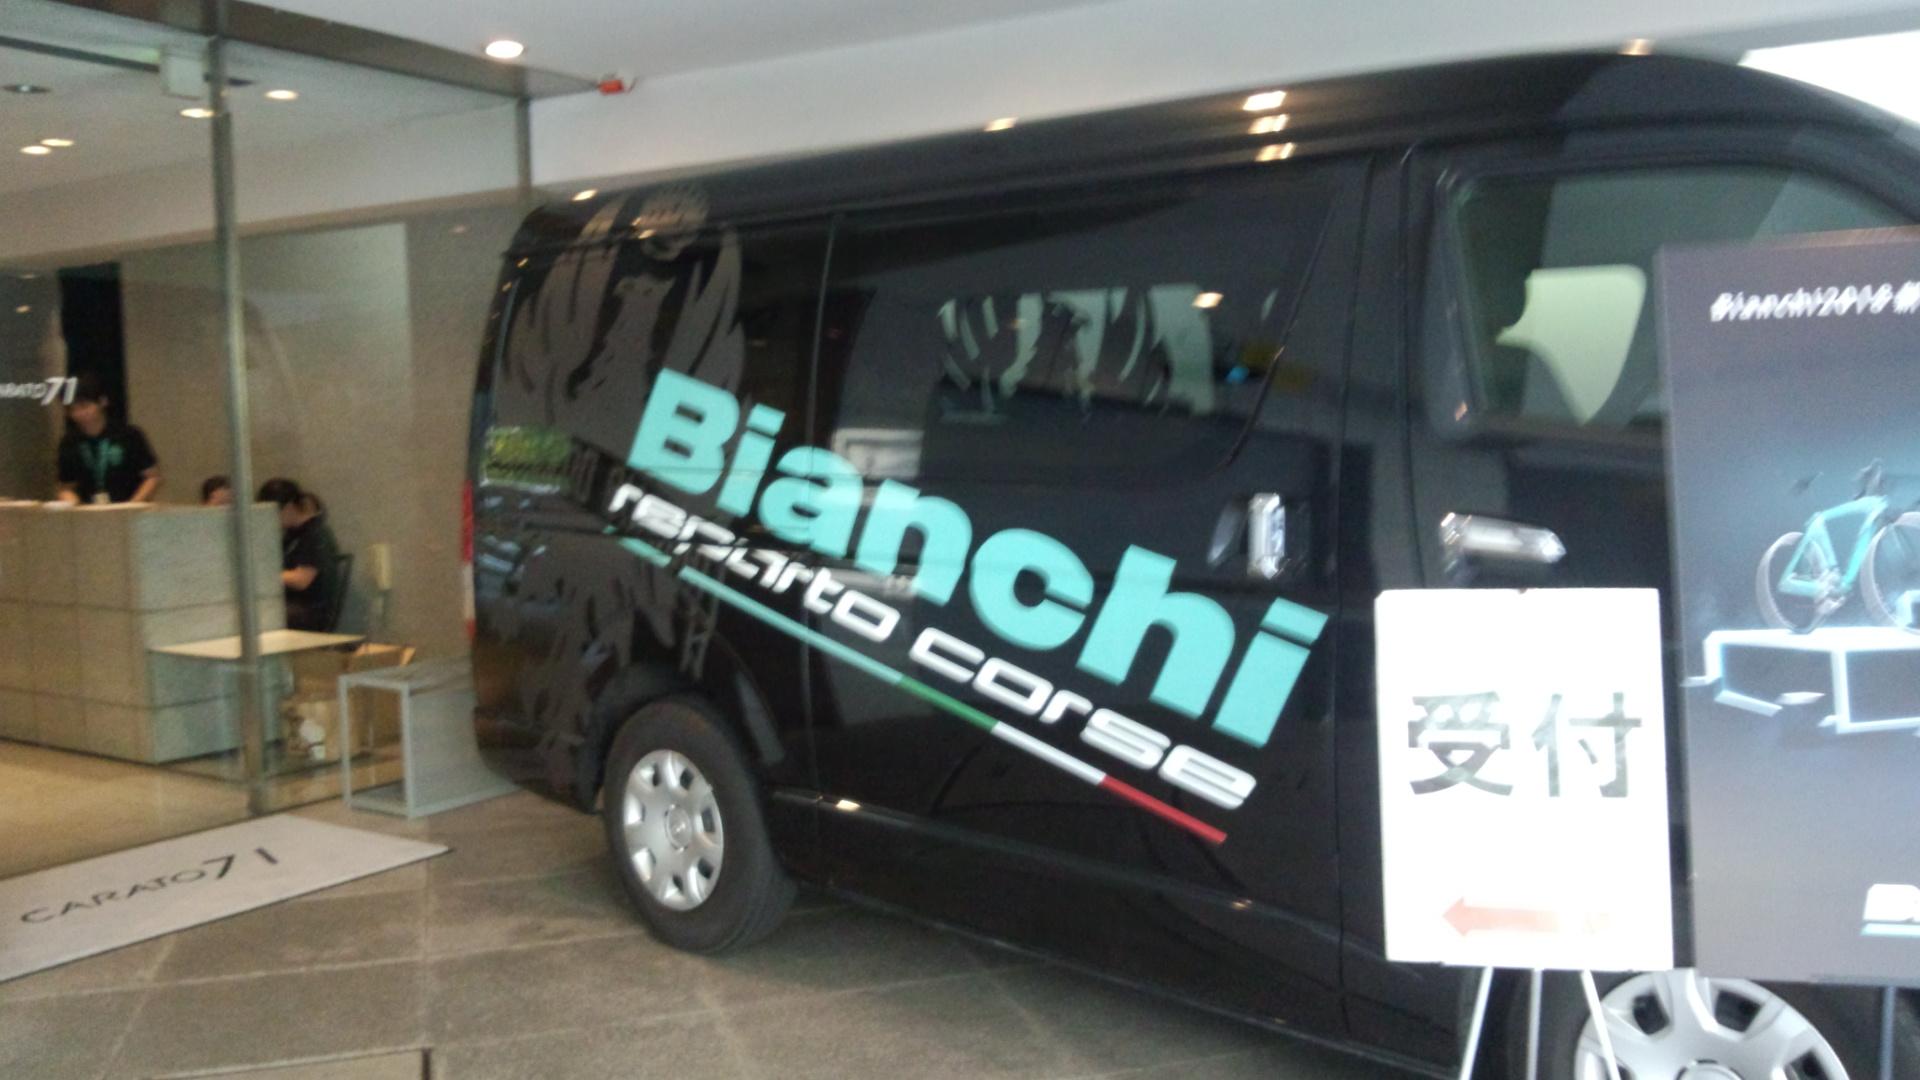 BIANCHI(ビアンキ)2018<br />  年モデルのご予約受け付けがスタートしました。